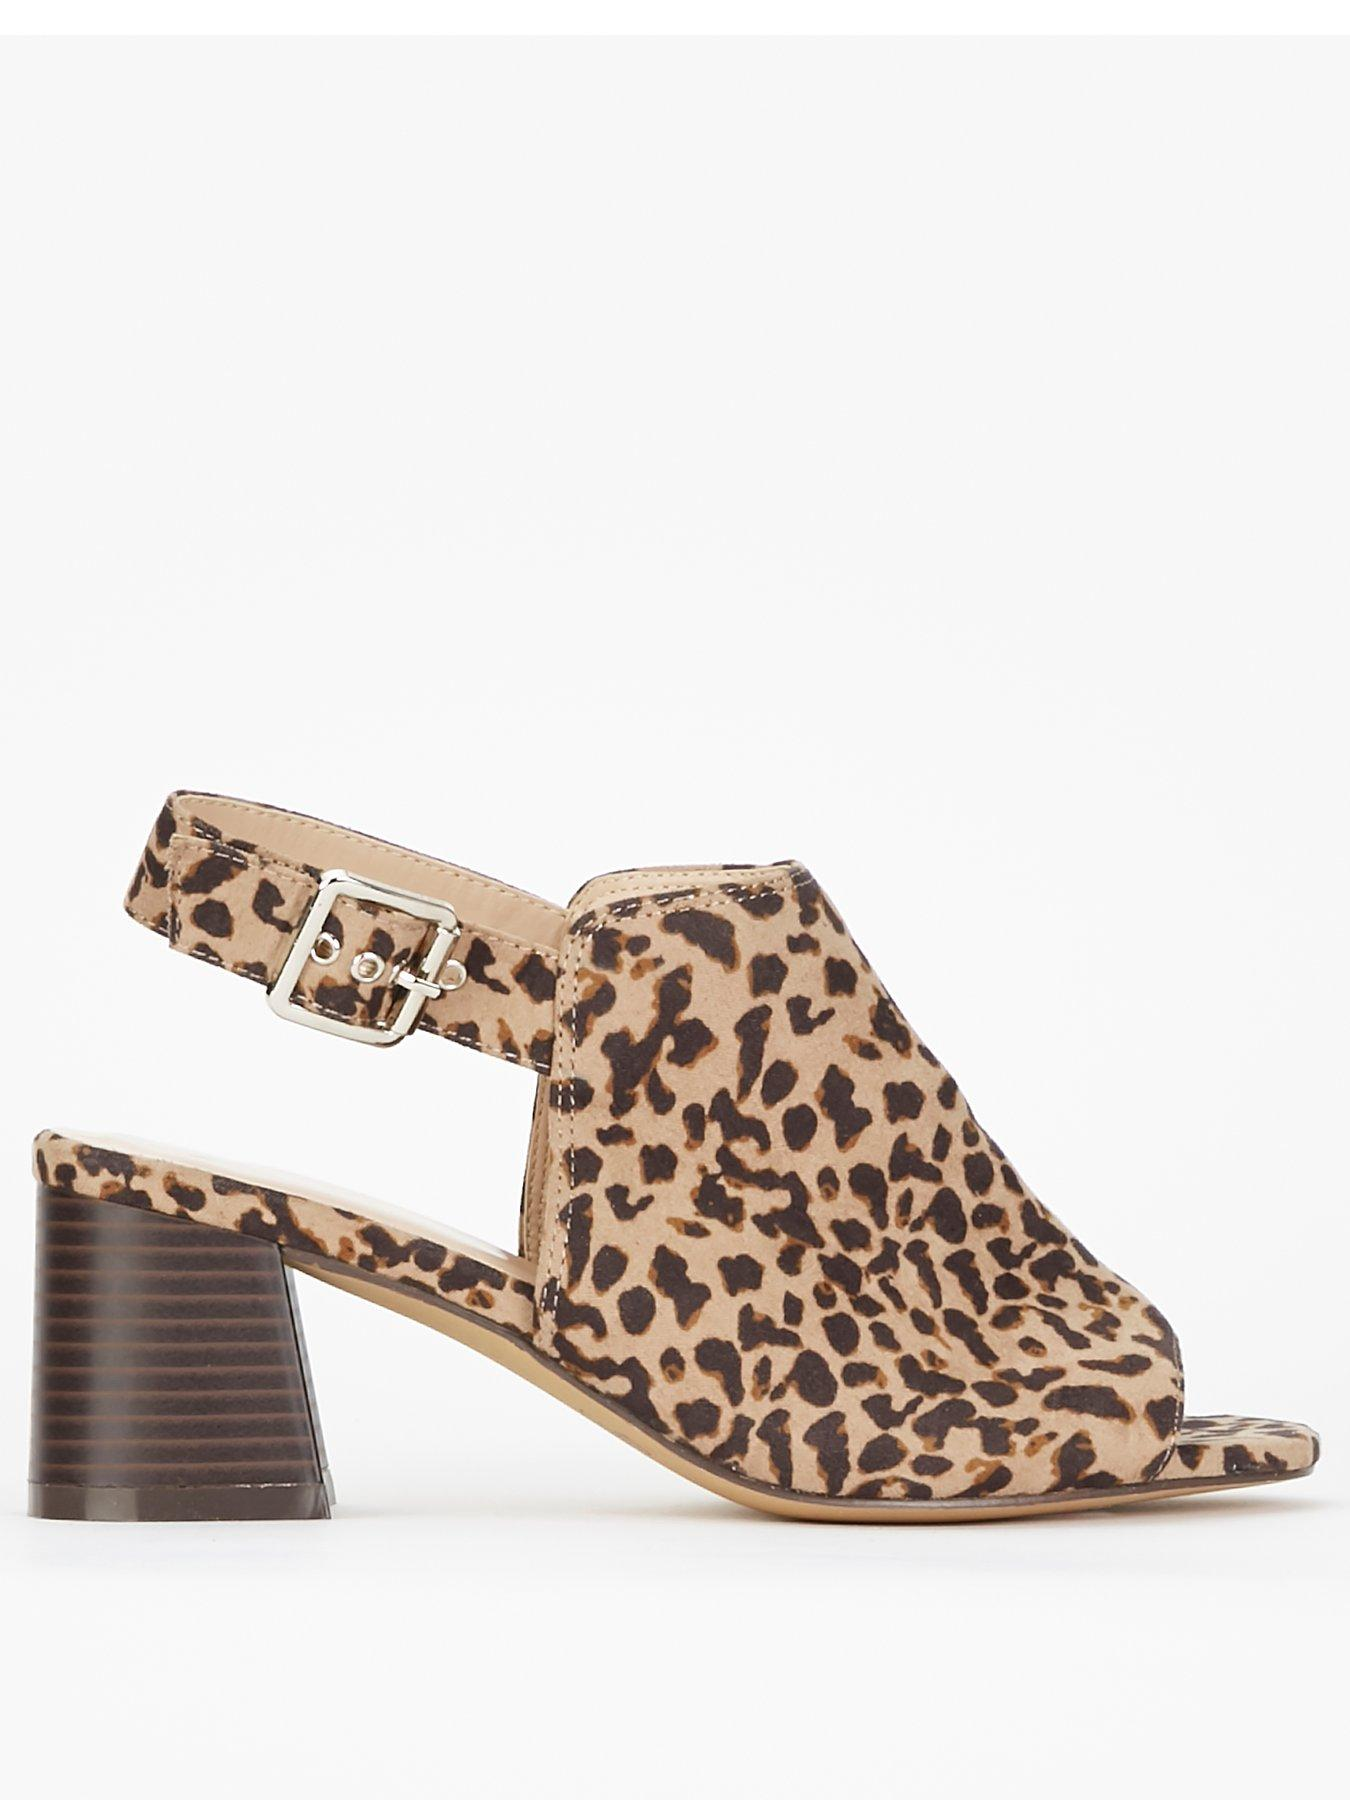 evans sandals sale